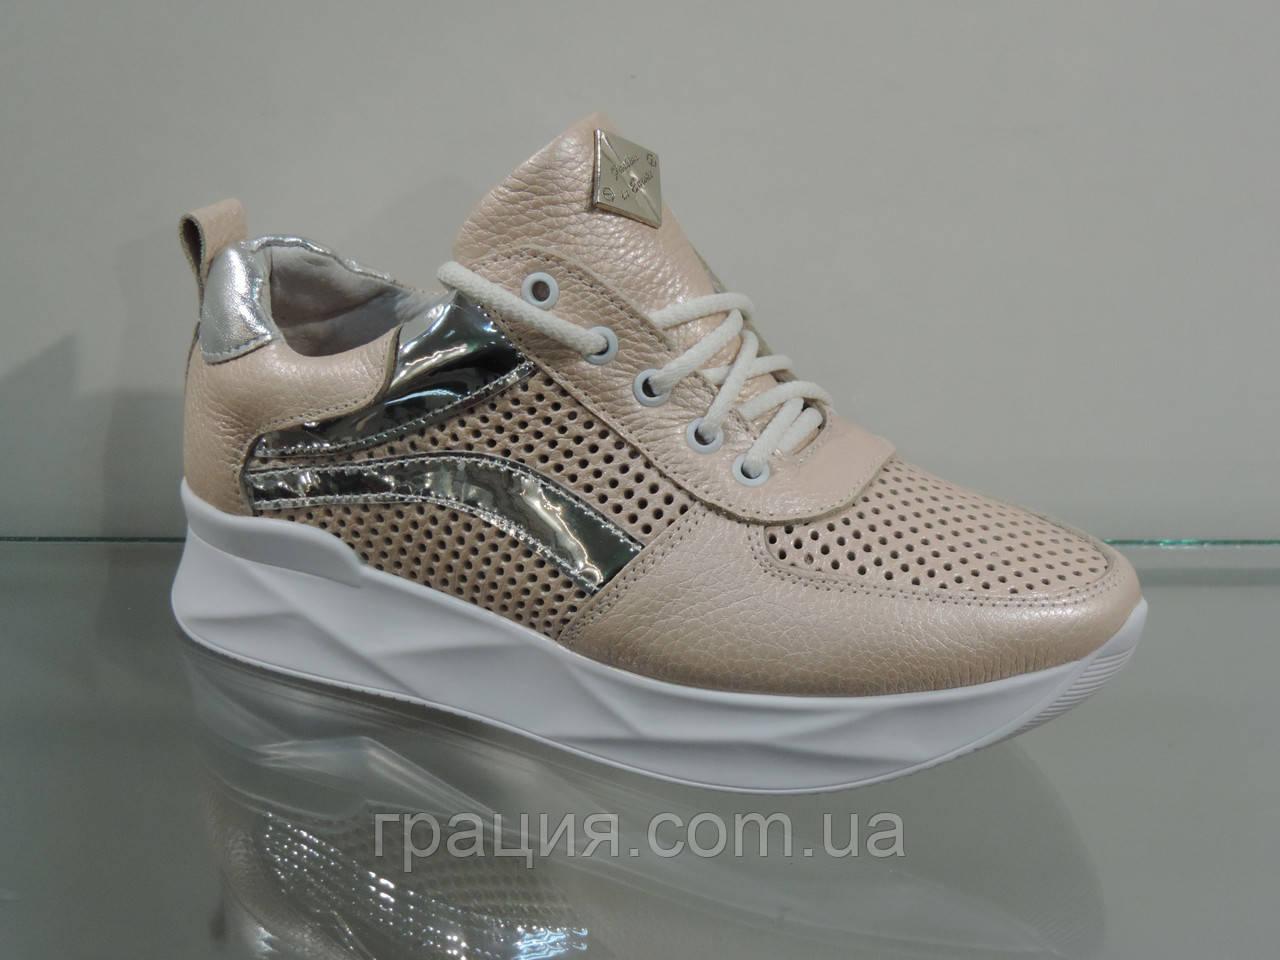 e39acd4b7 Модные женские кроссовки натуральная кожа бежевые с перфорацией - Грація в  Конотопе